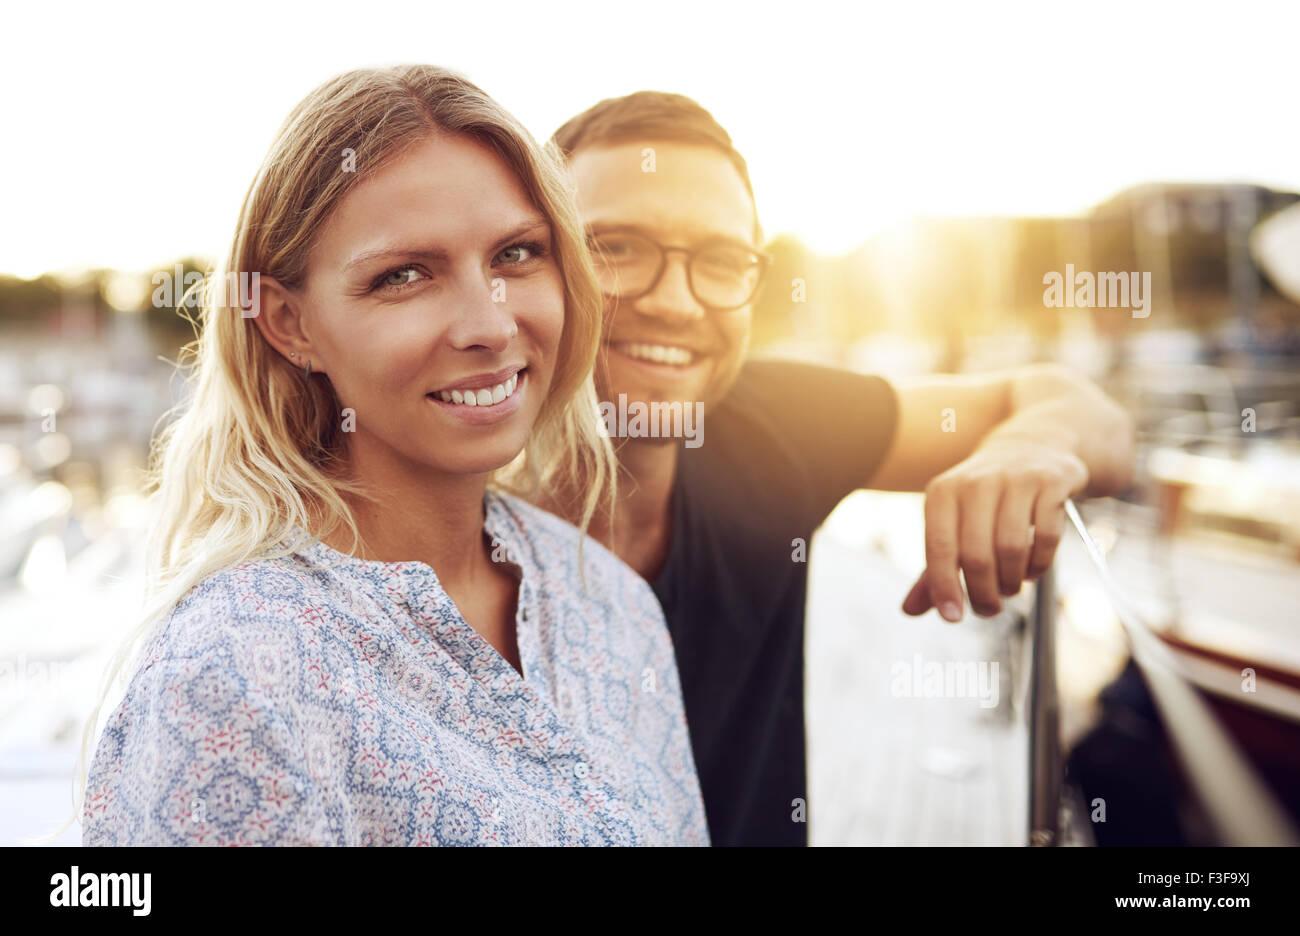 Pareja Sentada en su barco, sonriendo a la cámara Imagen De Stock